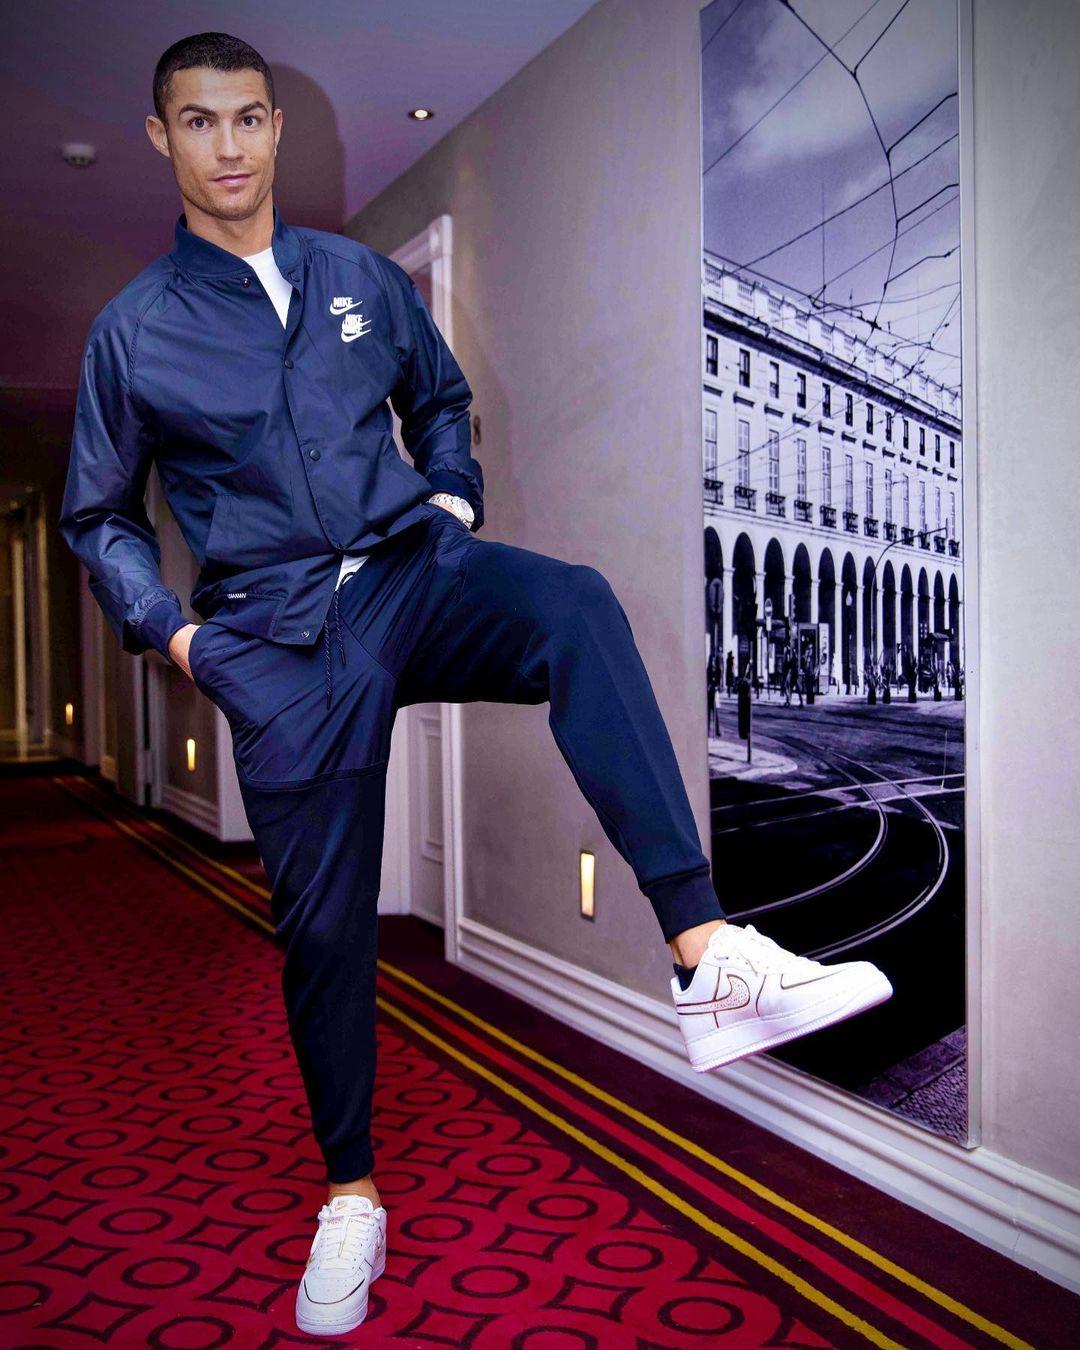 Read more about the article Стильные мужские образы в одежде: основные тенденции моды